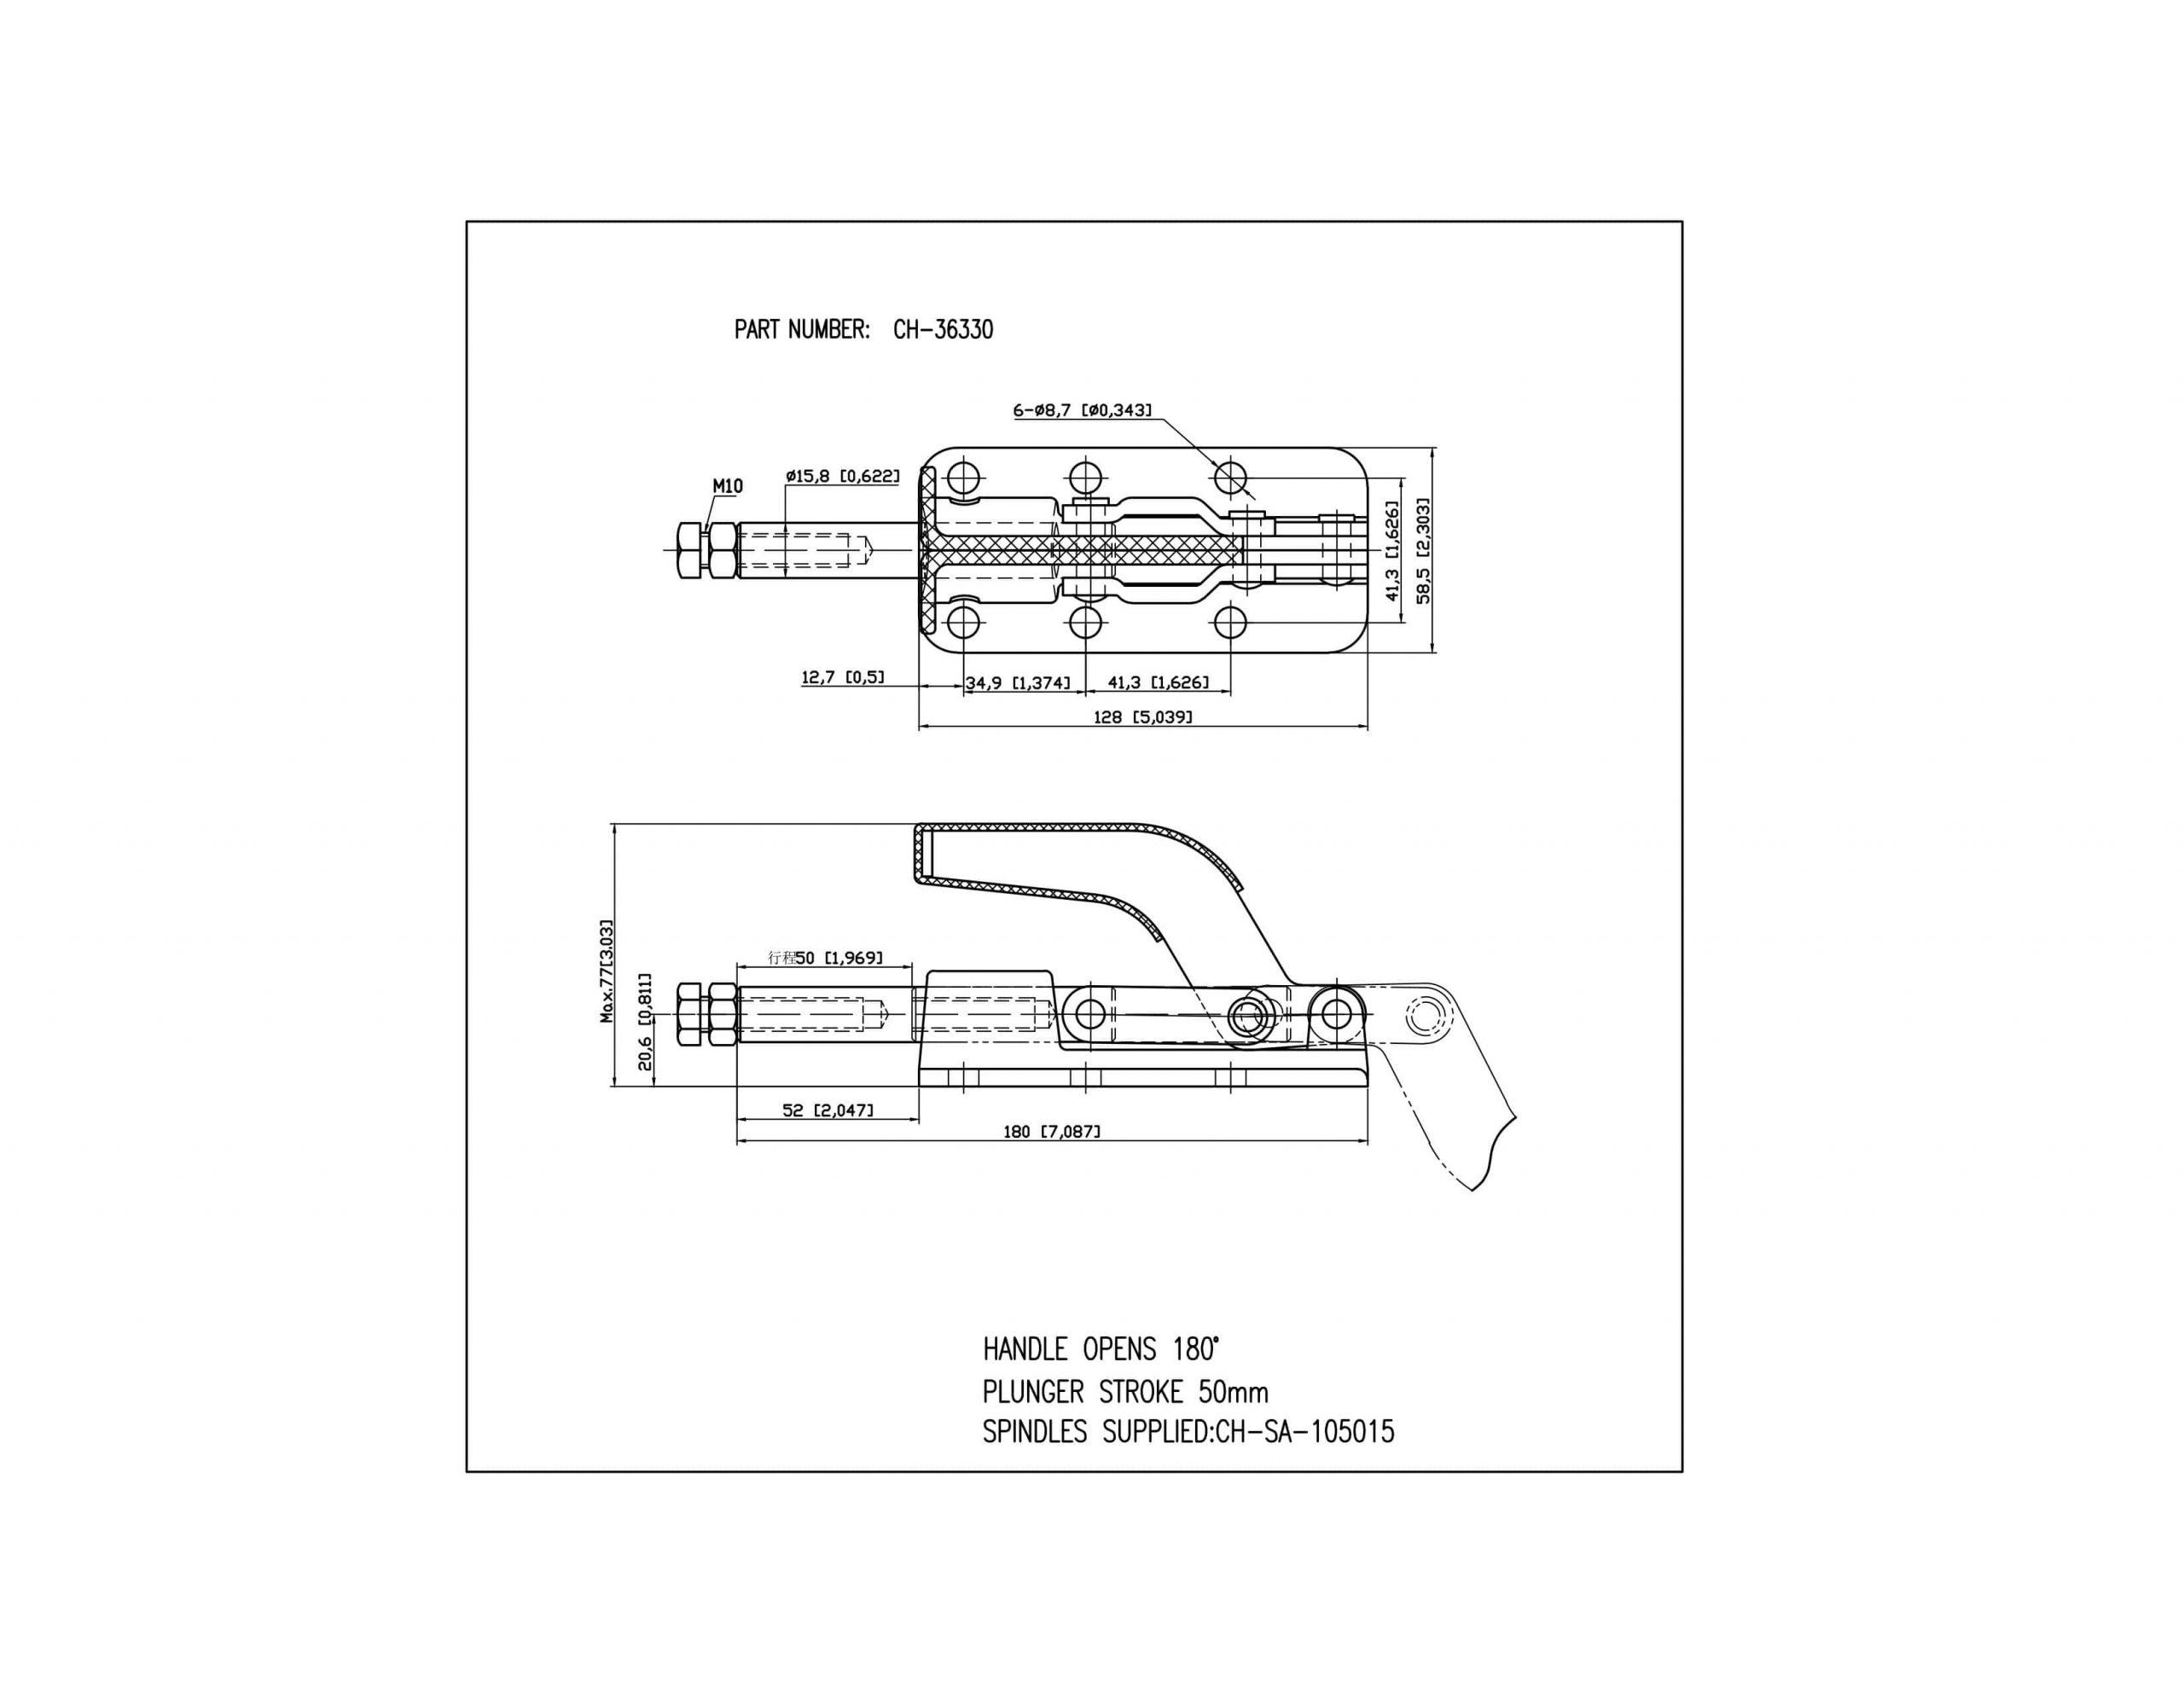 فروش کلمپ فشاری افقی clamptek CH-36330